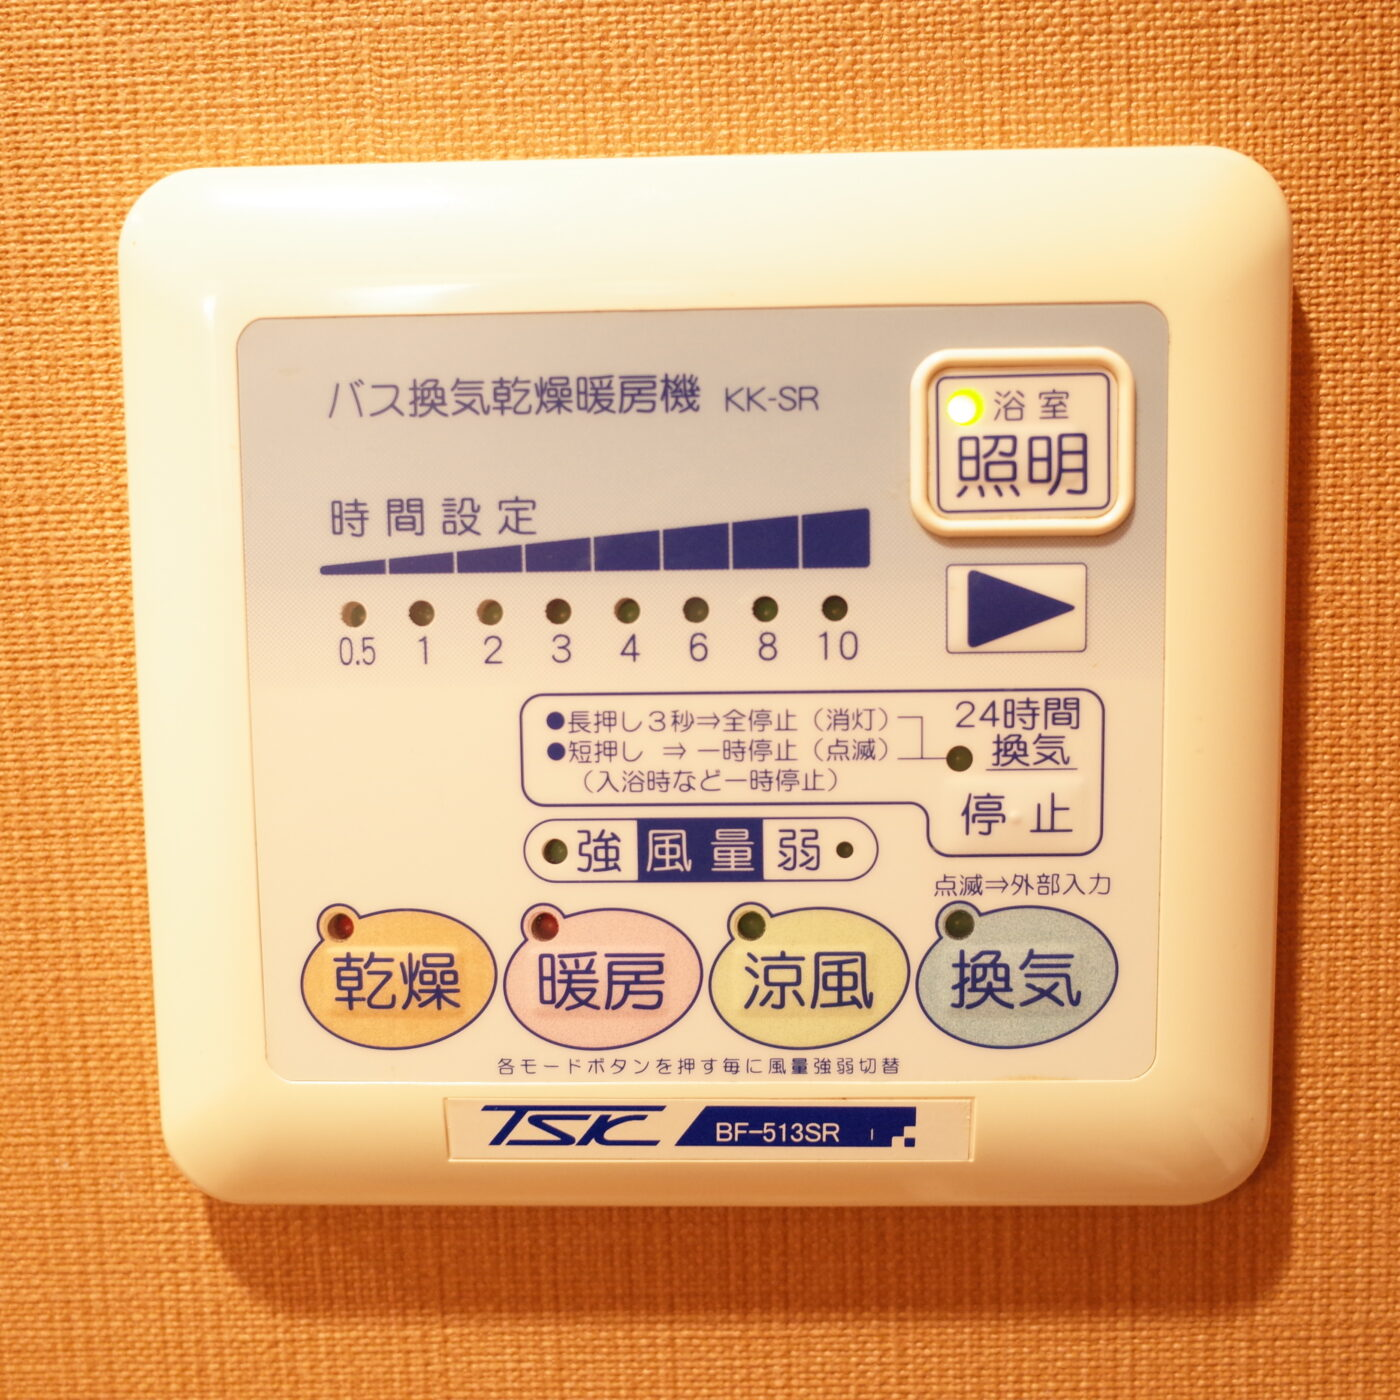 九大生 専用 エスポワール・ドゥ 02号 内観